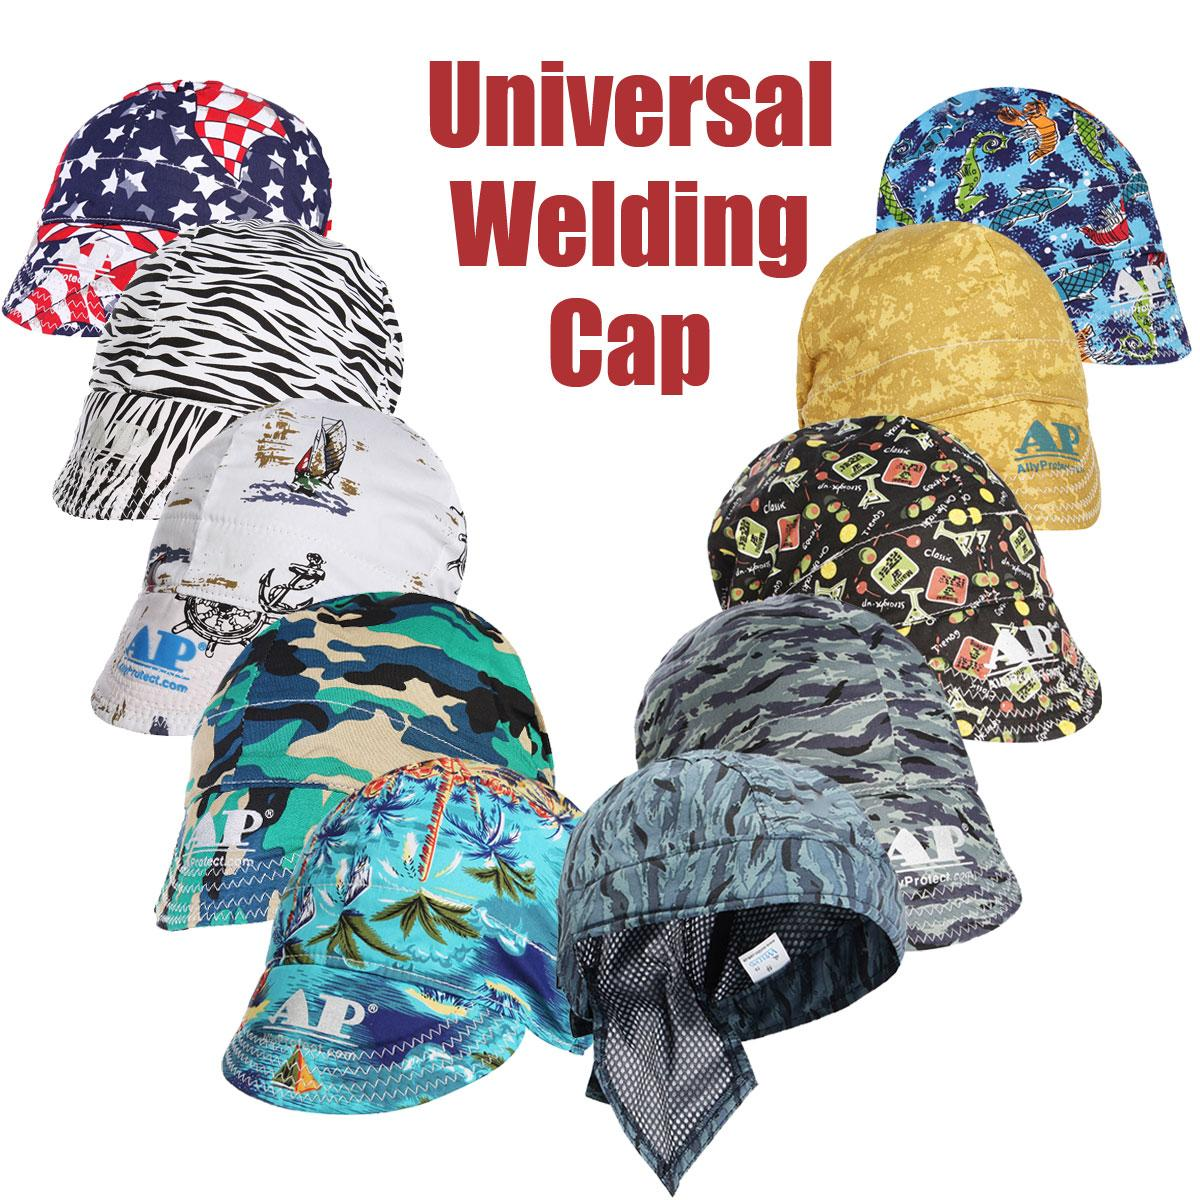 7 форм упругая сварочная шляпа поглощение пота сварщики сварочная Защитная шляпа Крышка огнестойкая головка полная защита капюшонов